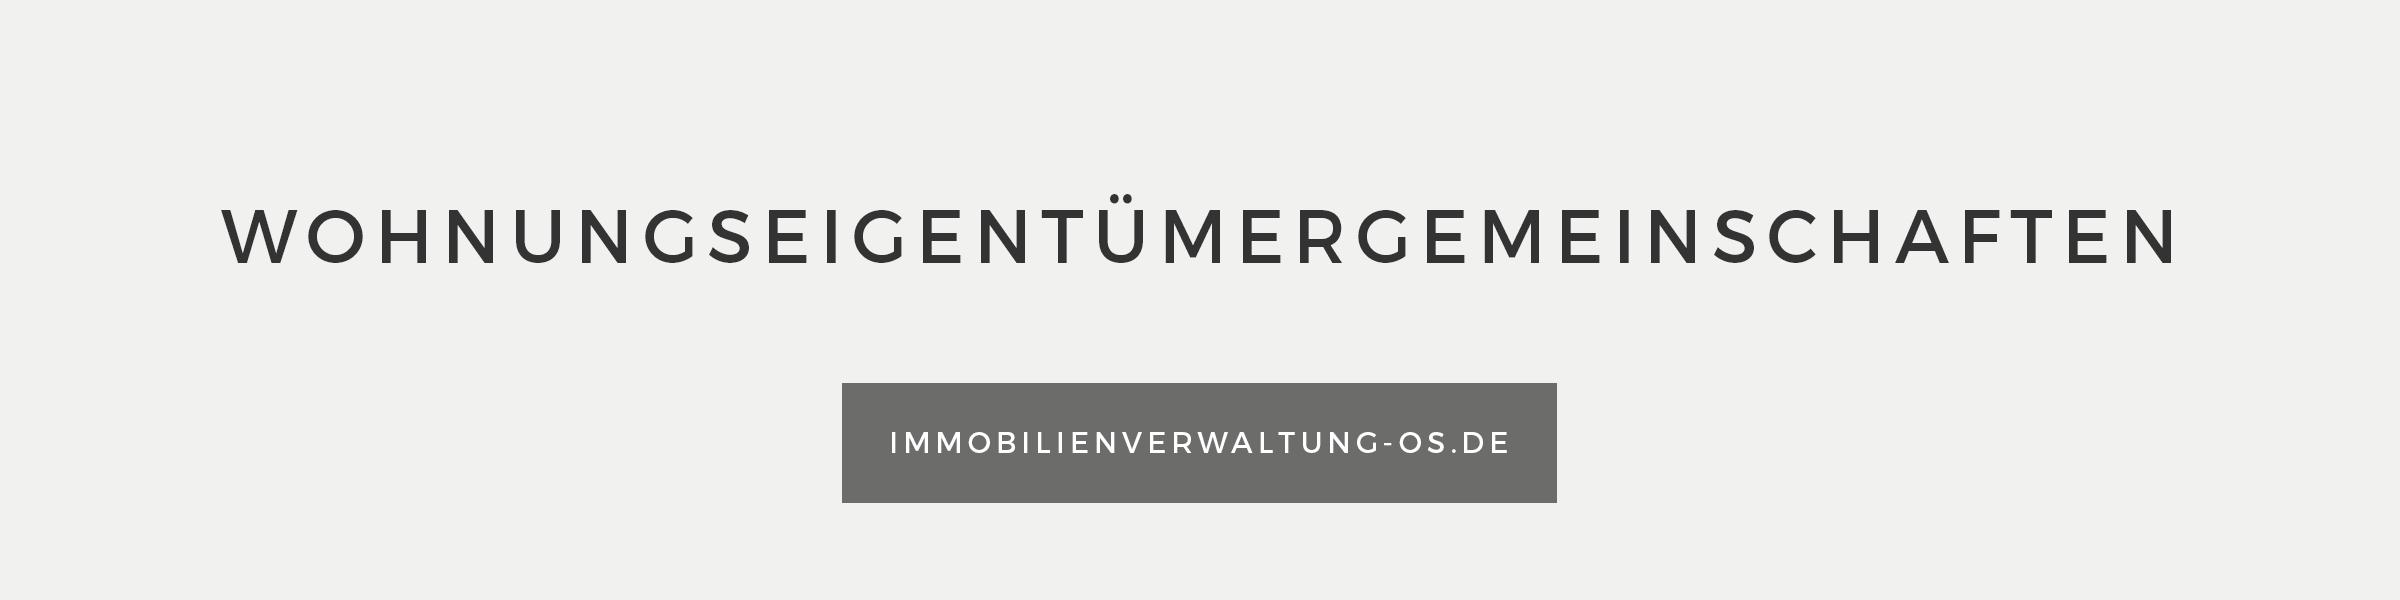 Banner Wohnungseigentümergemeinschaften